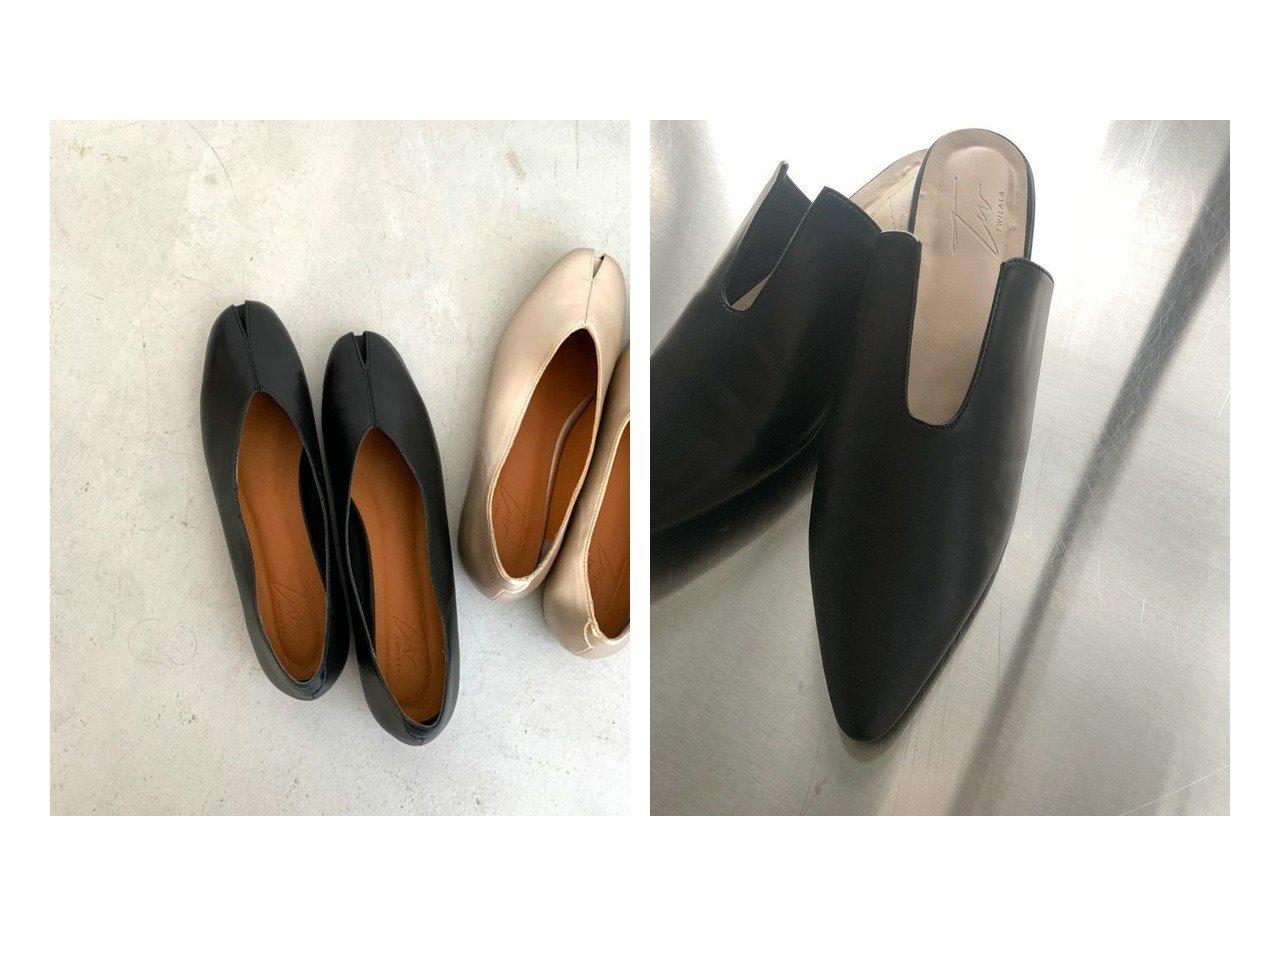 【marjour/マージュール】のmarjourスリットパンプス TOE SLIT PUMPS&marjourオメガスリットスリッポン OMEGA SLIT SLIPON マージュールのおすすめ!人気、トレンド・レディースファッションの通販 おすすめで人気の流行・トレンド、ファッションの通販商品 メンズファッション・キッズファッション・インテリア・家具・レディースファッション・服の通販 founy(ファニー) https://founy.com/ ファッション Fashion レディースファッション WOMEN インソール クッション クラシック シンプル スリット デニム フラット サンダル シューズ スリッポン フェイクレザー ベーシック マニッシュ |ID:crp329100000021546